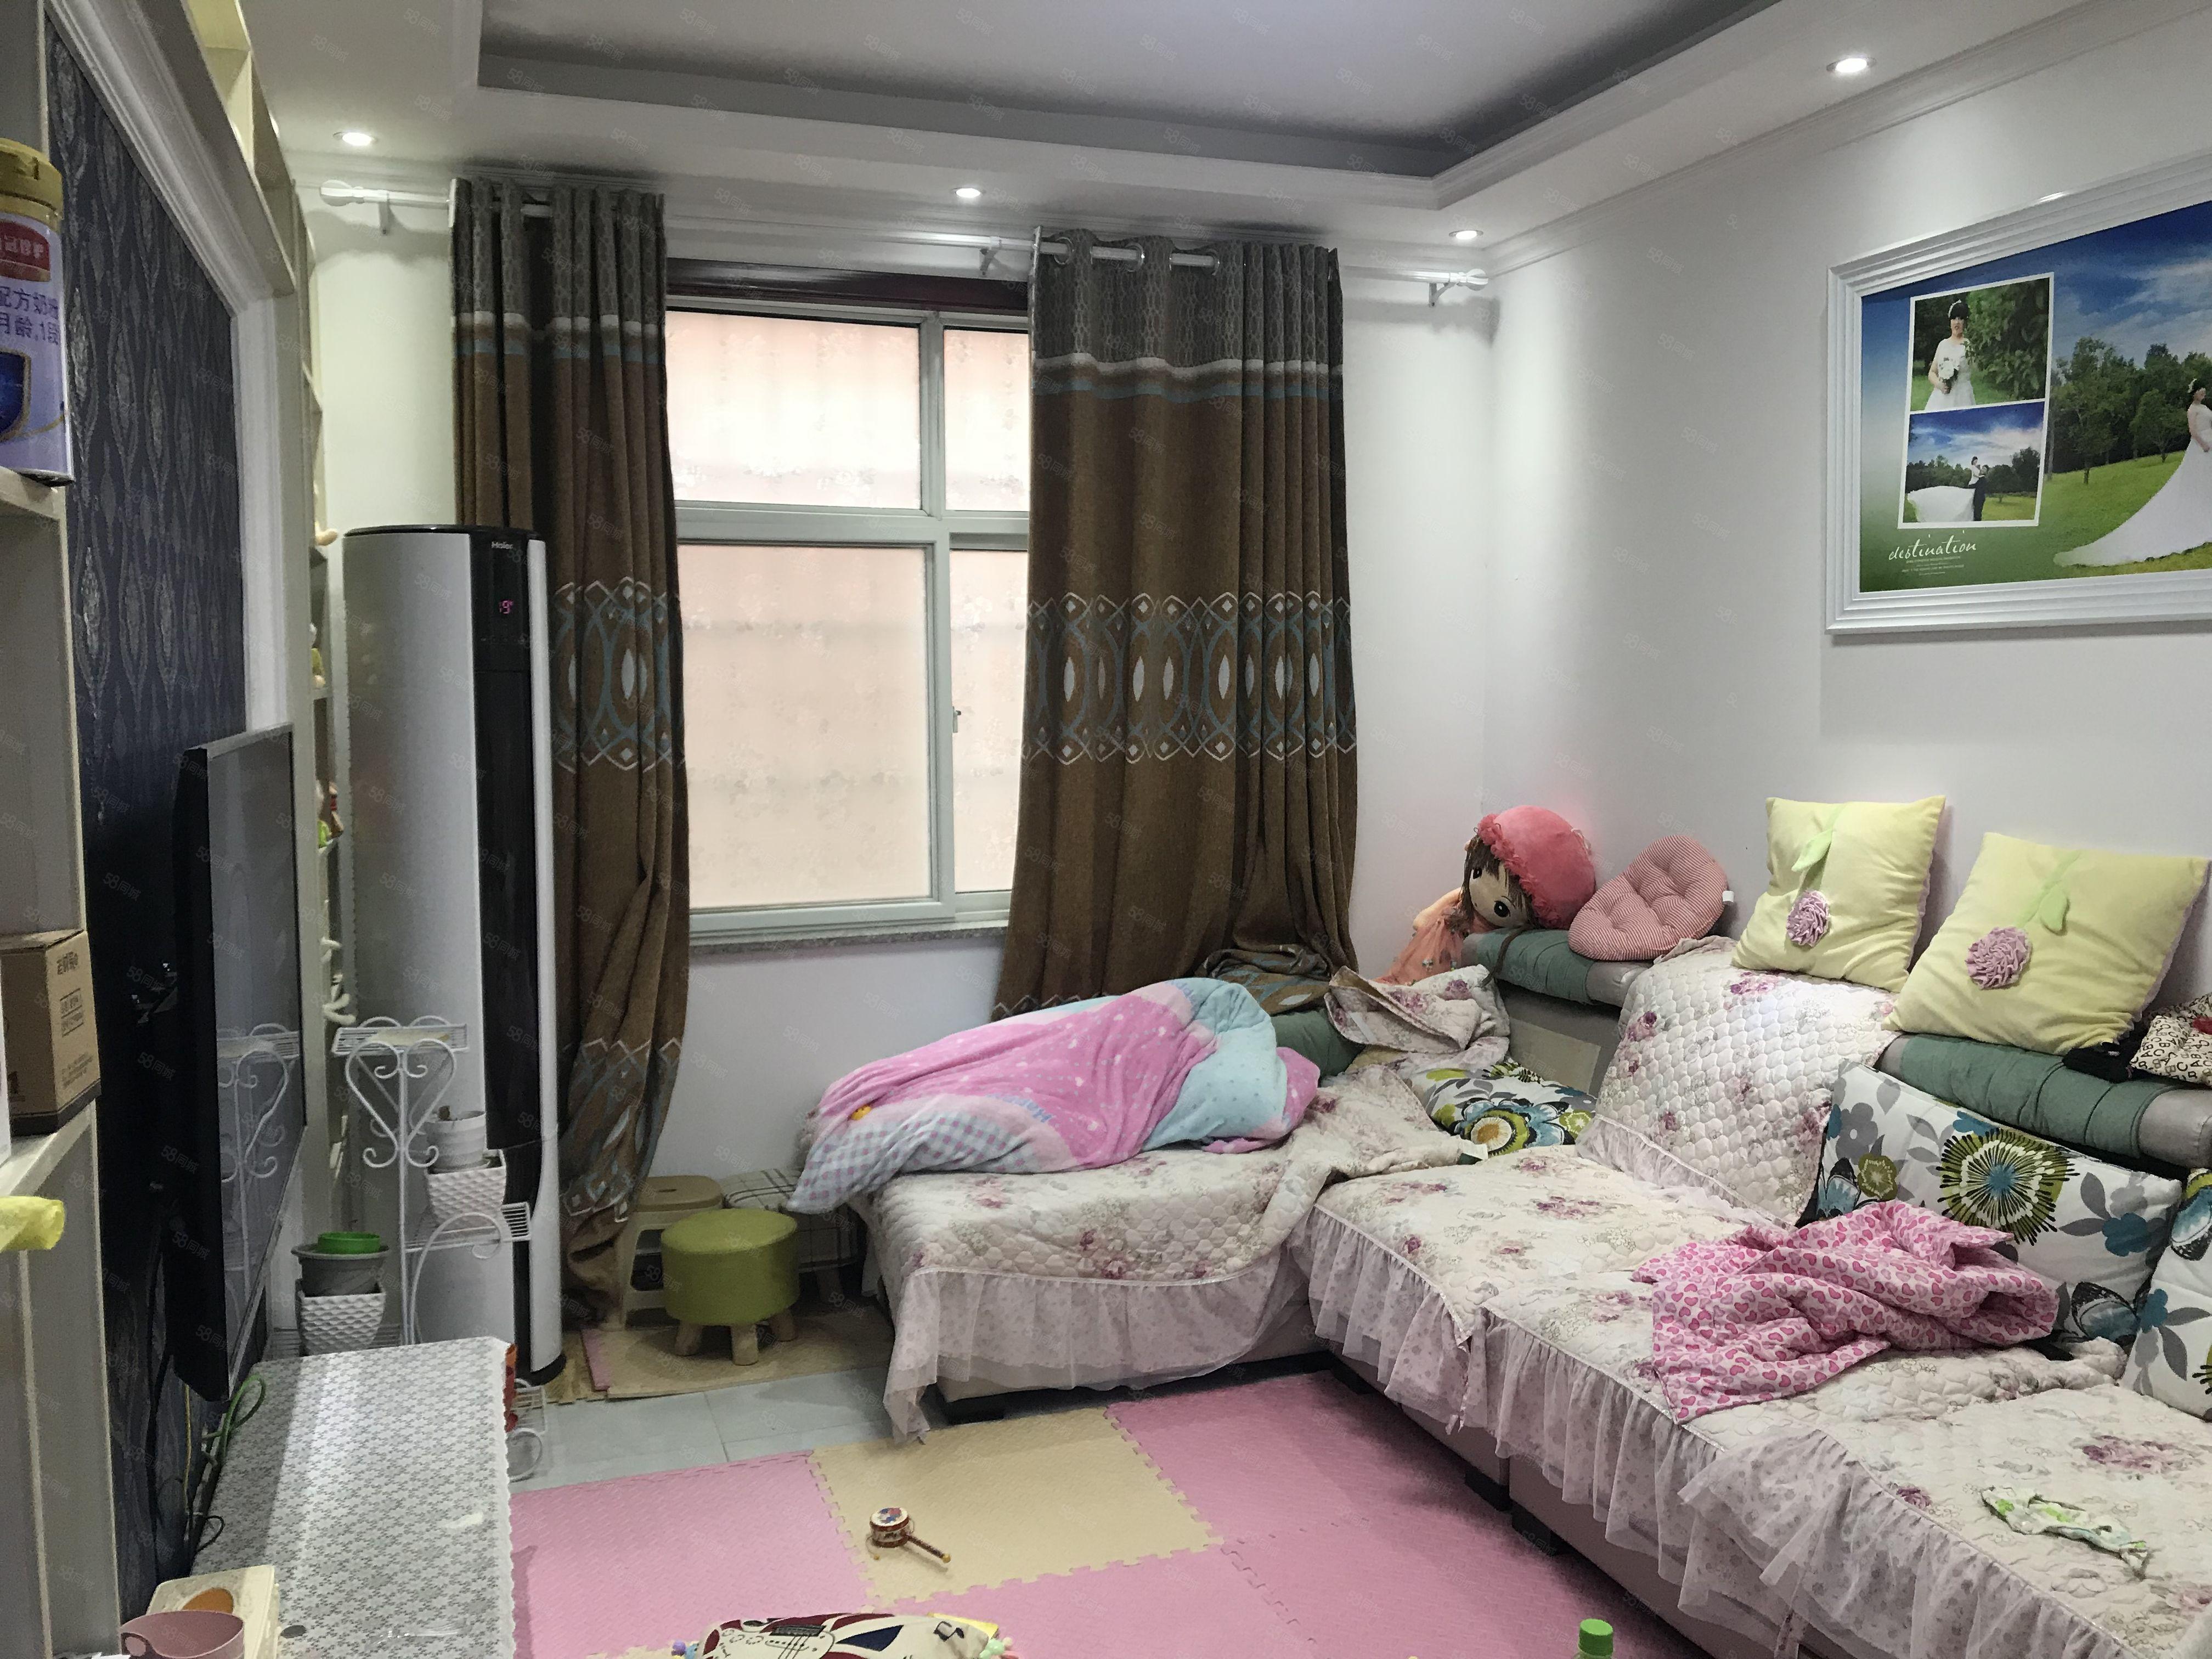 麻屯新苑小区大两室婚房装修二楼大产权可贷款看房方便